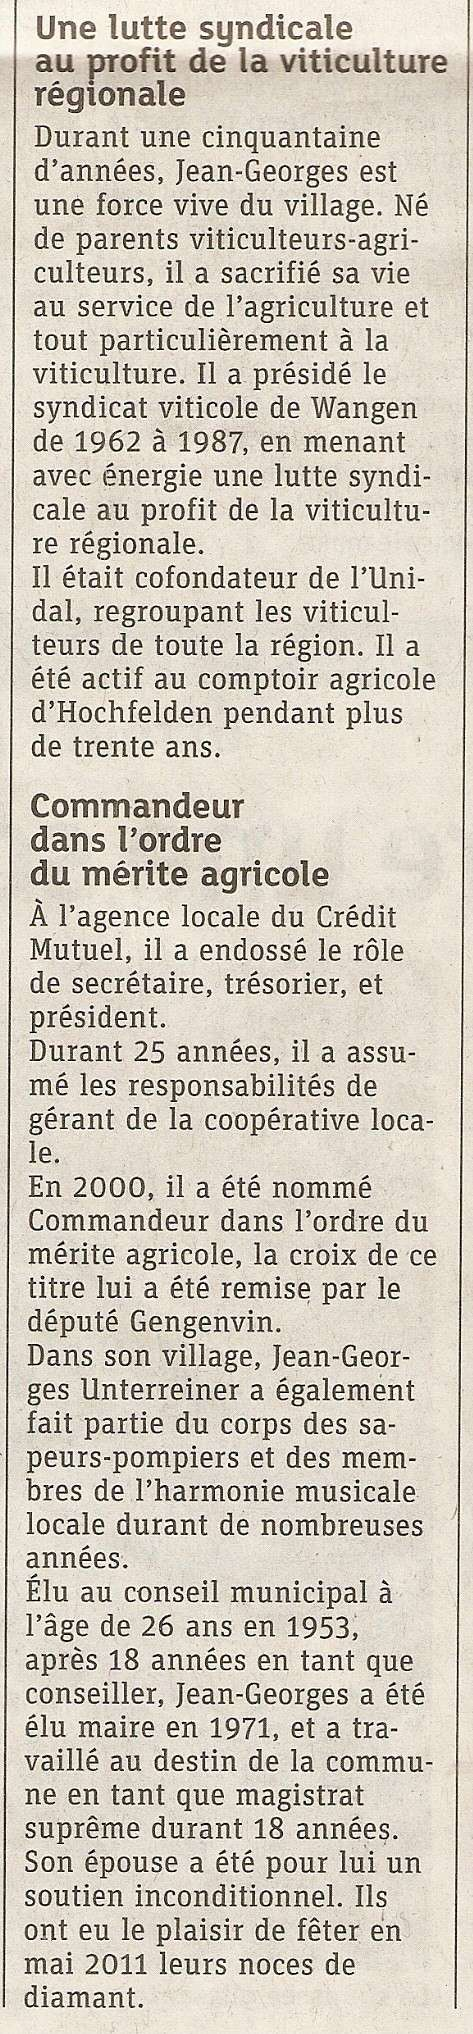 Jean Georges UNTERREINER a 85 ans Scan0212